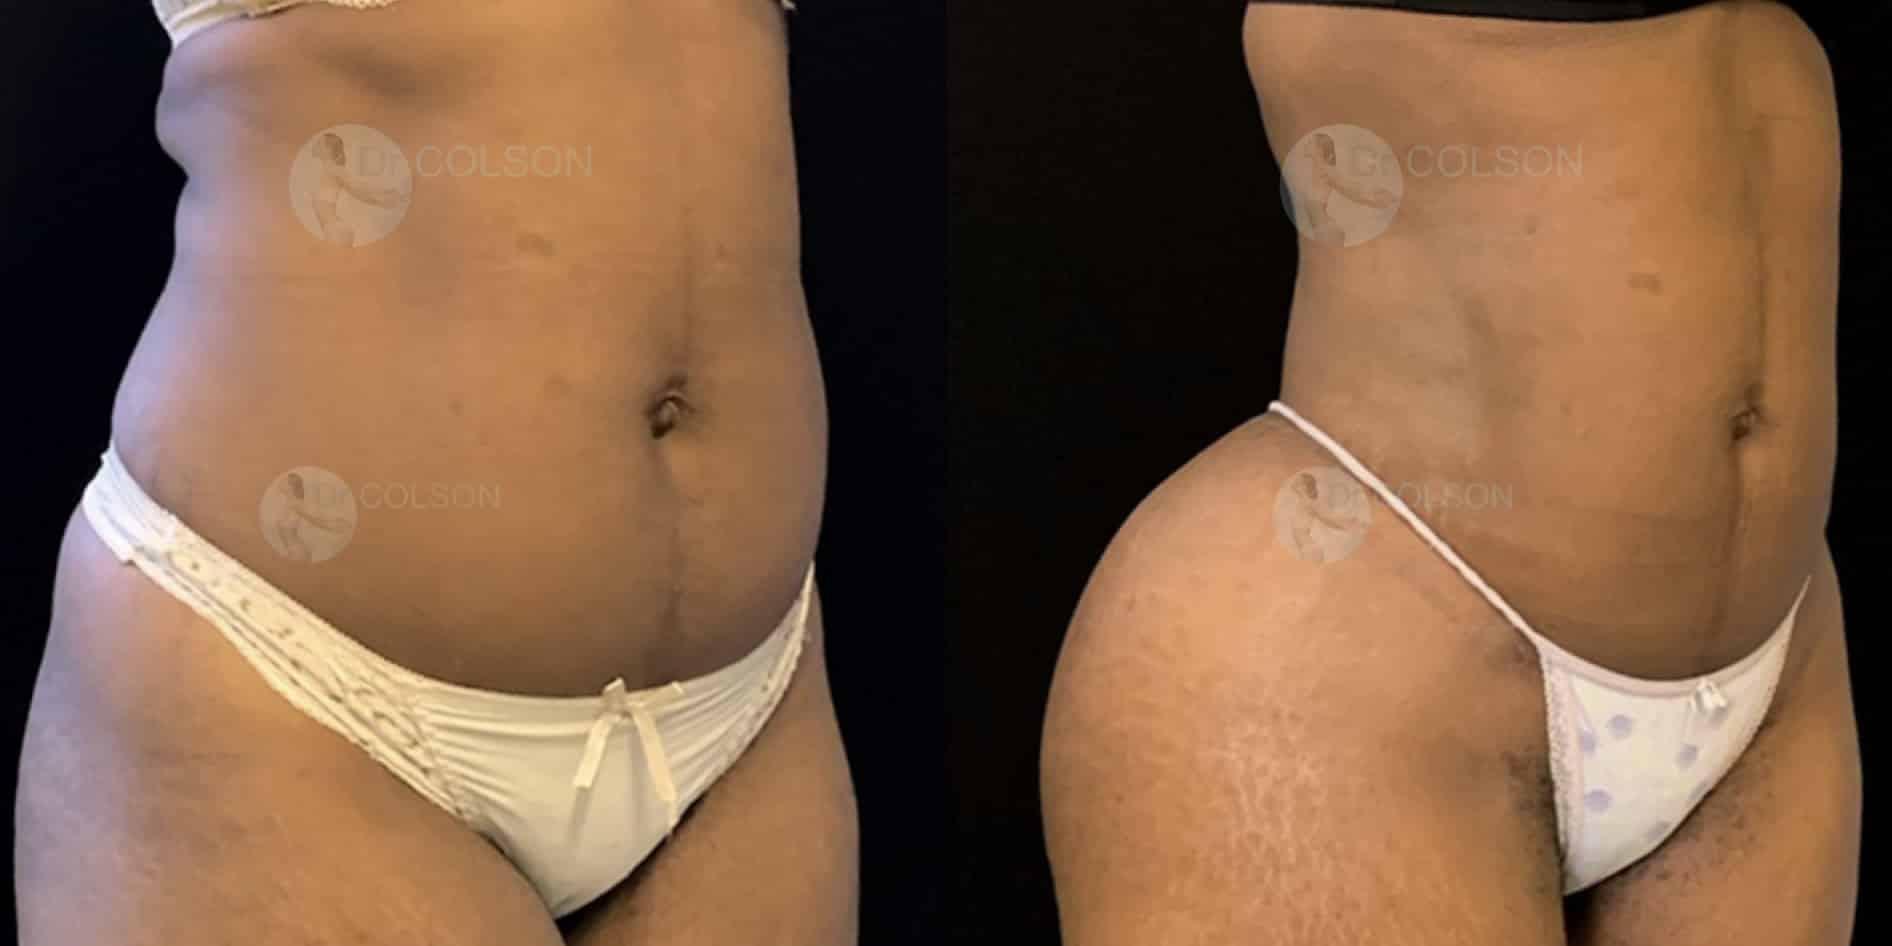 Dr Colson - Chirurgie silhouette - Lipofilling Fesses BBL Trois Quart Face